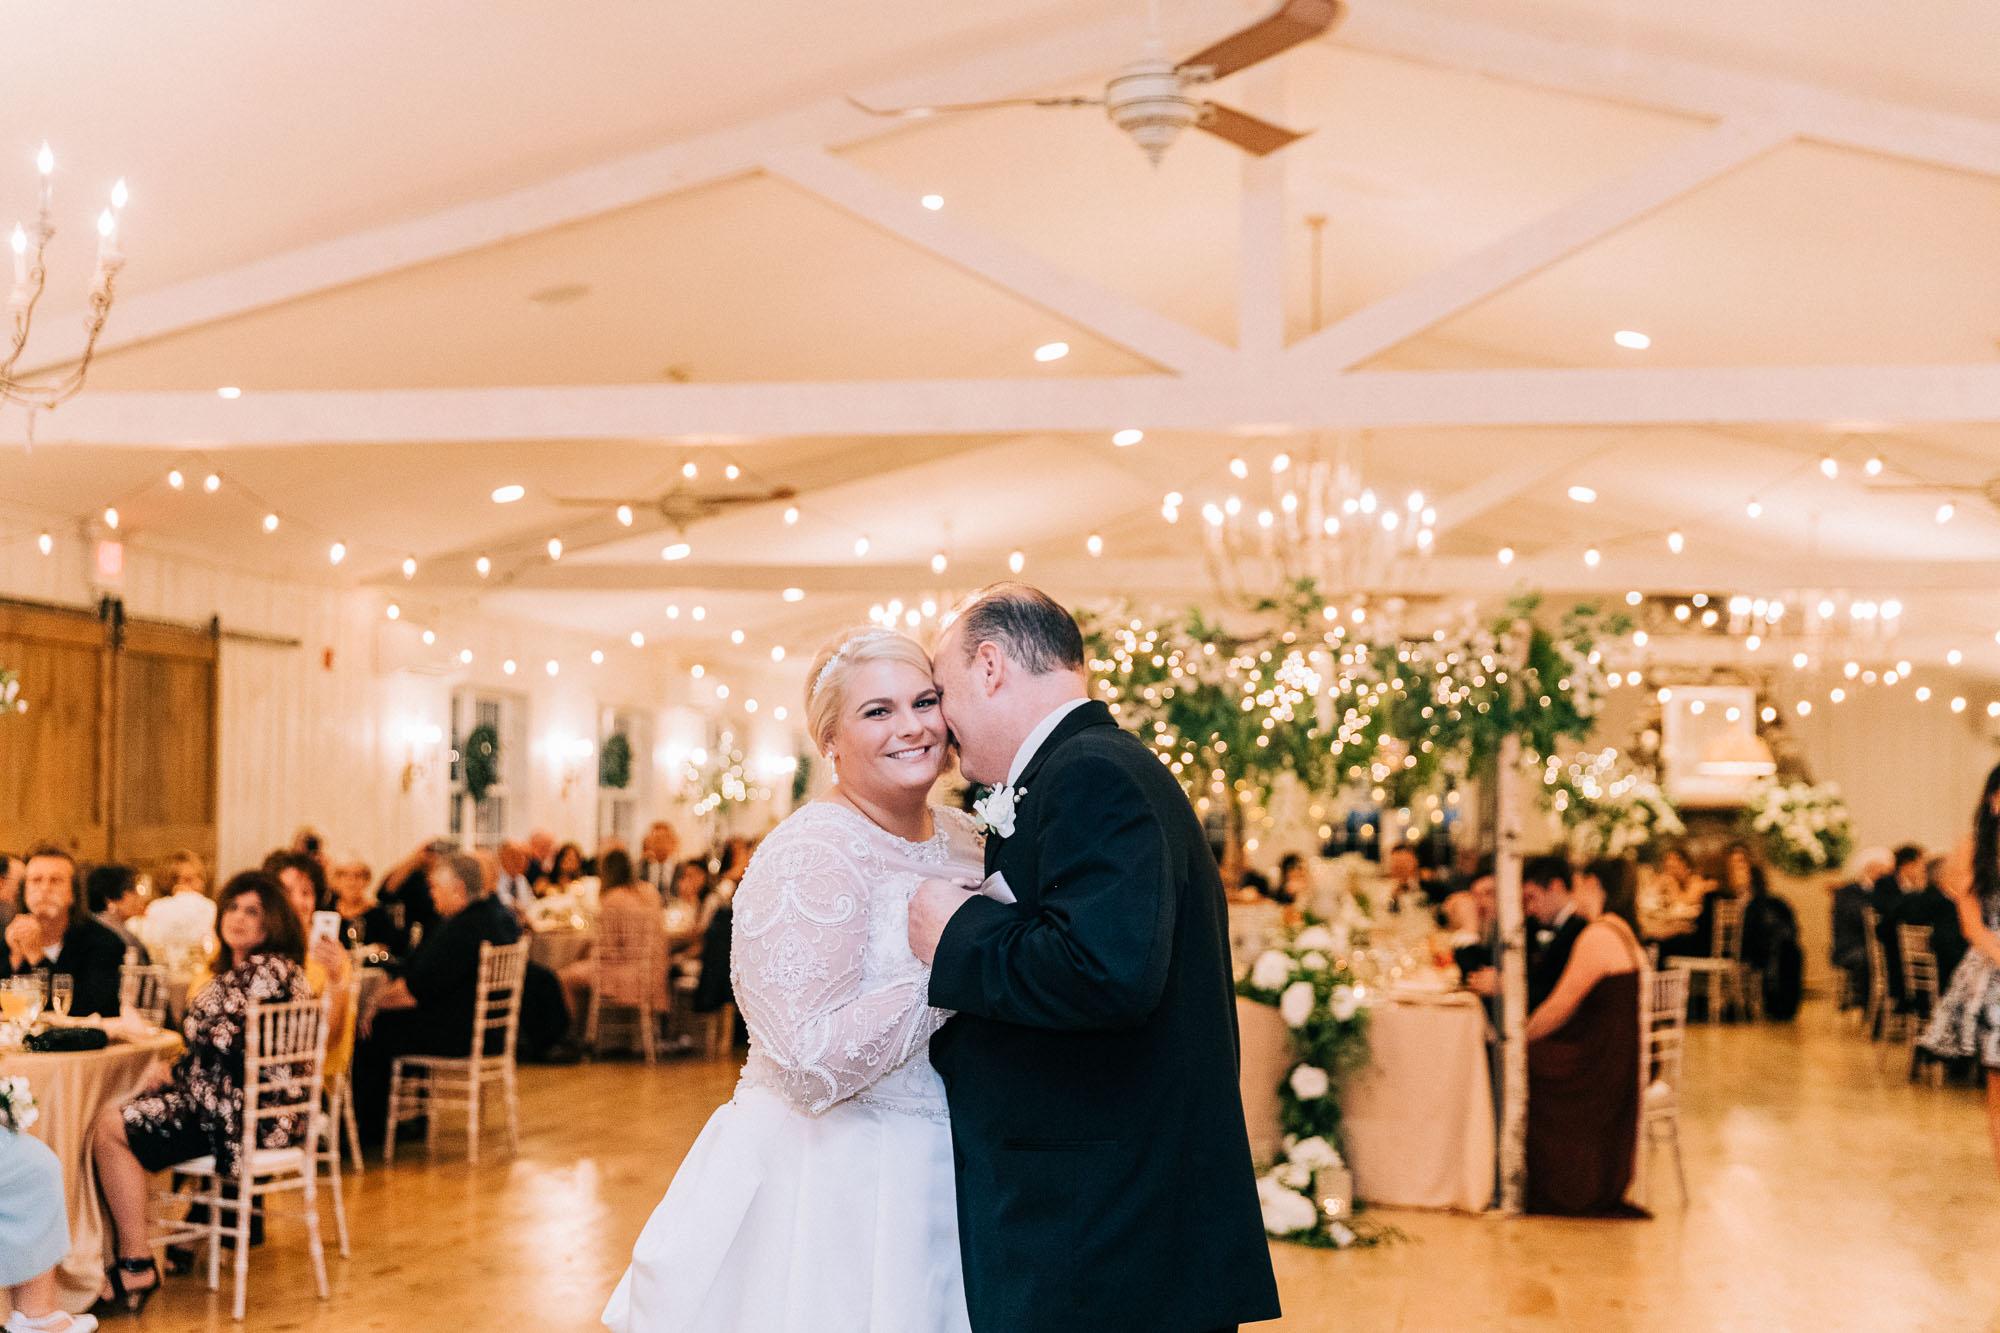 whitewoods-october-wedding-sk-0398.jpg